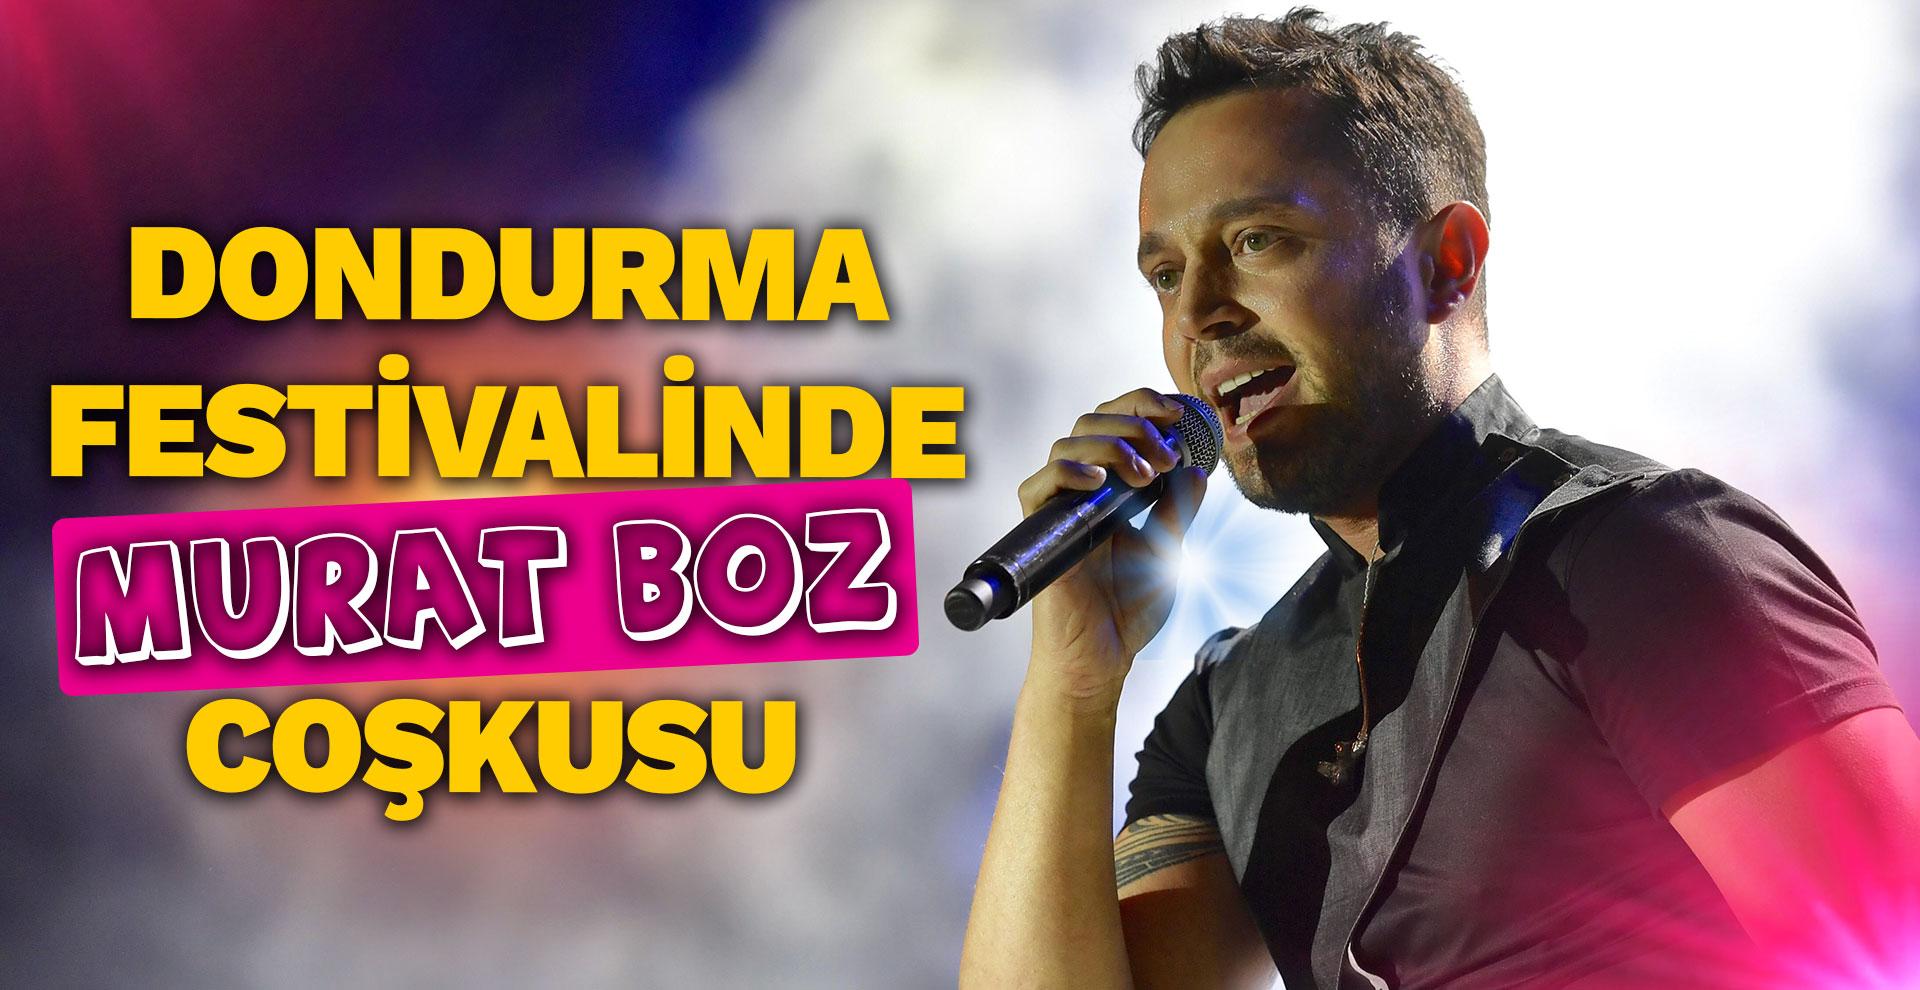 Dondurma festivalinde Murat Boz coşkusu